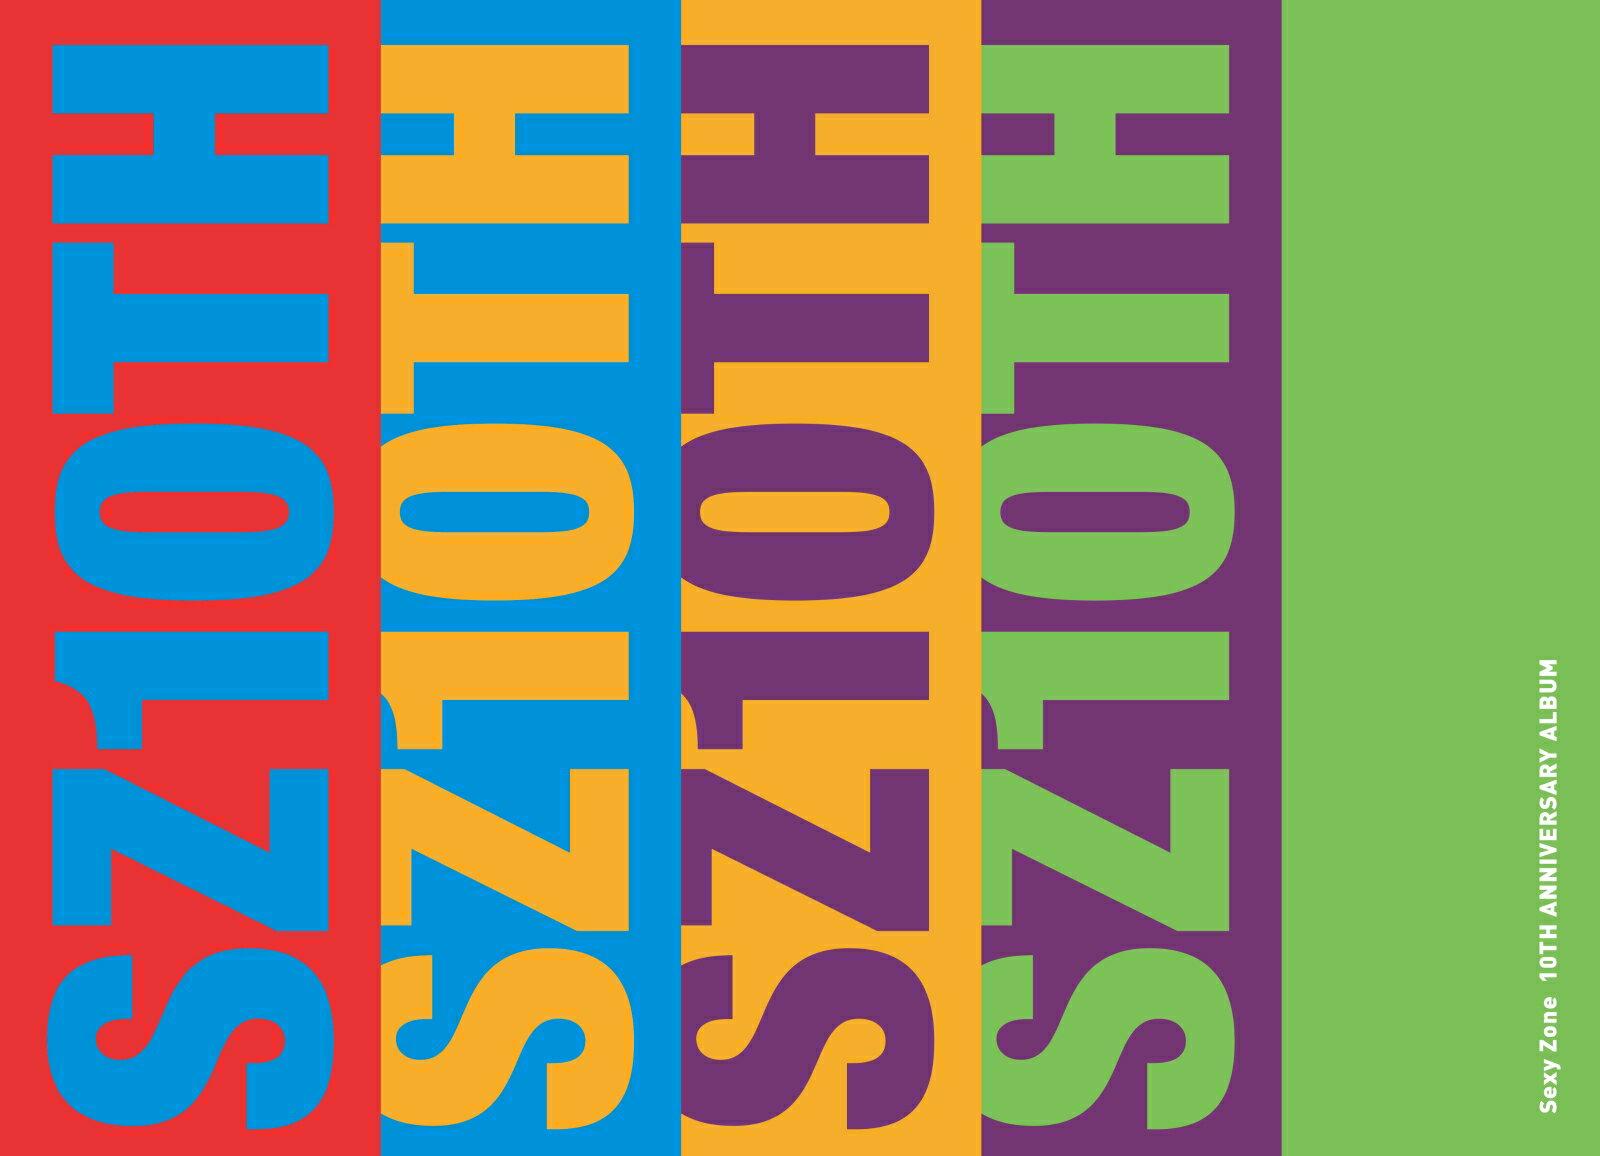 邦楽, ロック・ポップス SZ10TH (B 2CDDVD) Sexy Zone